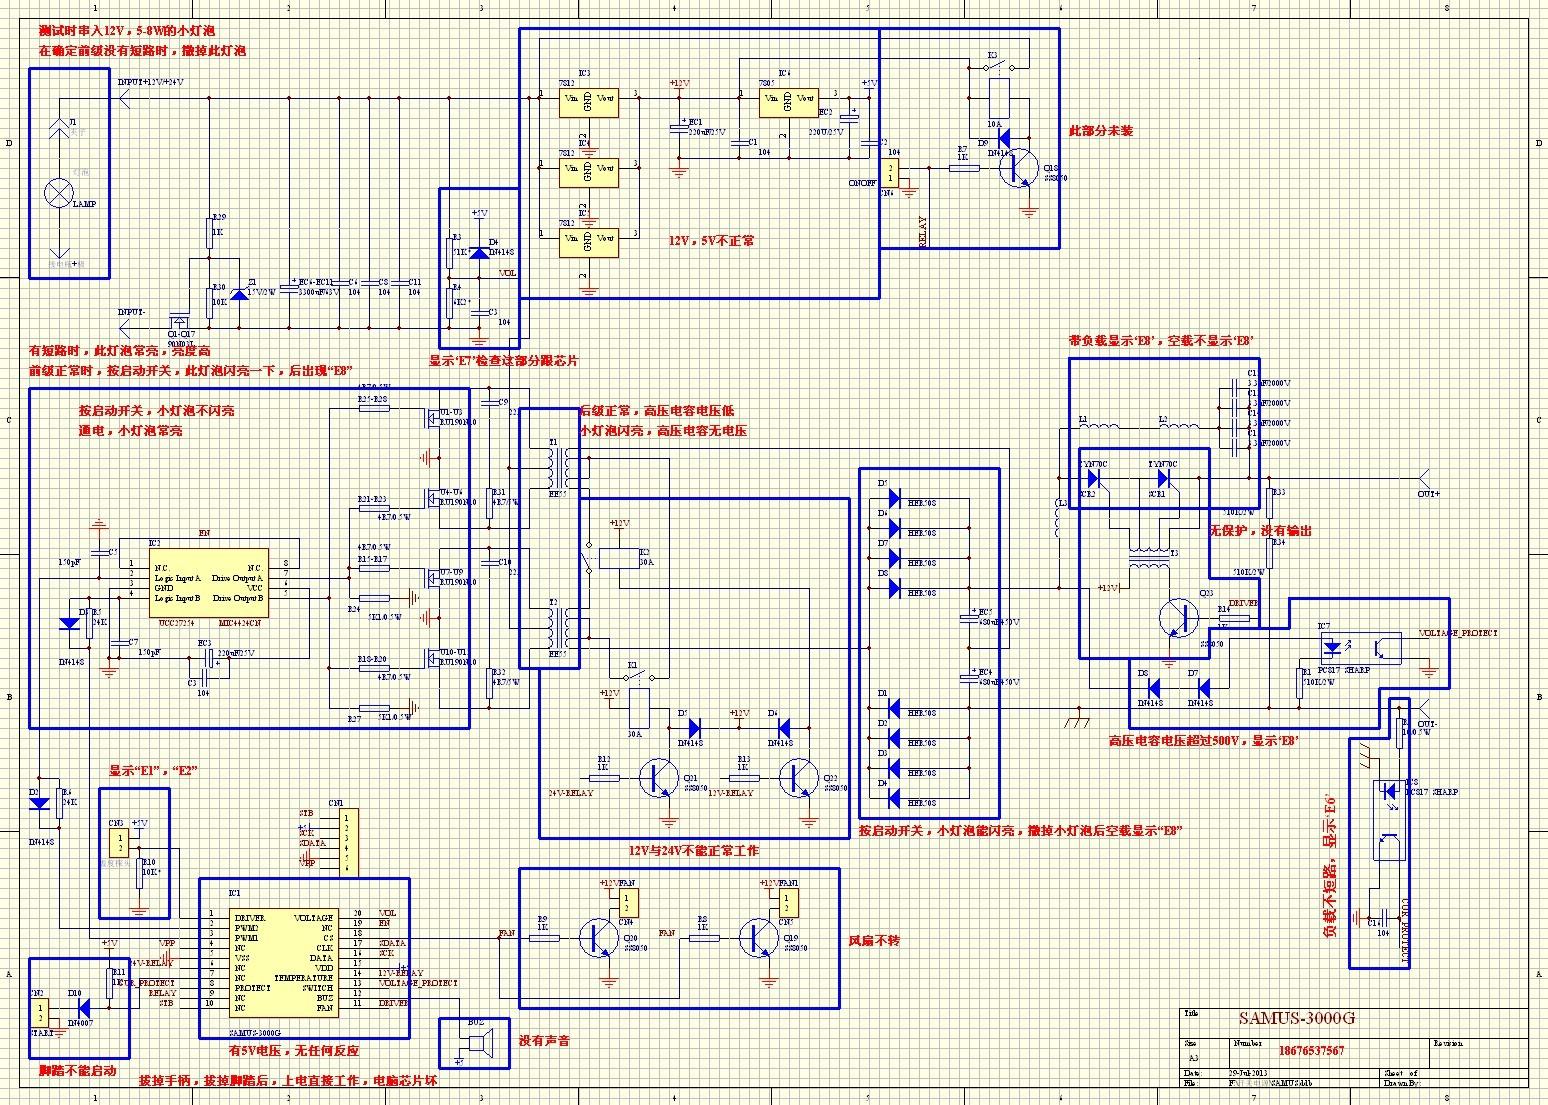 绝密资料:多谐振荡电鱼机电路图